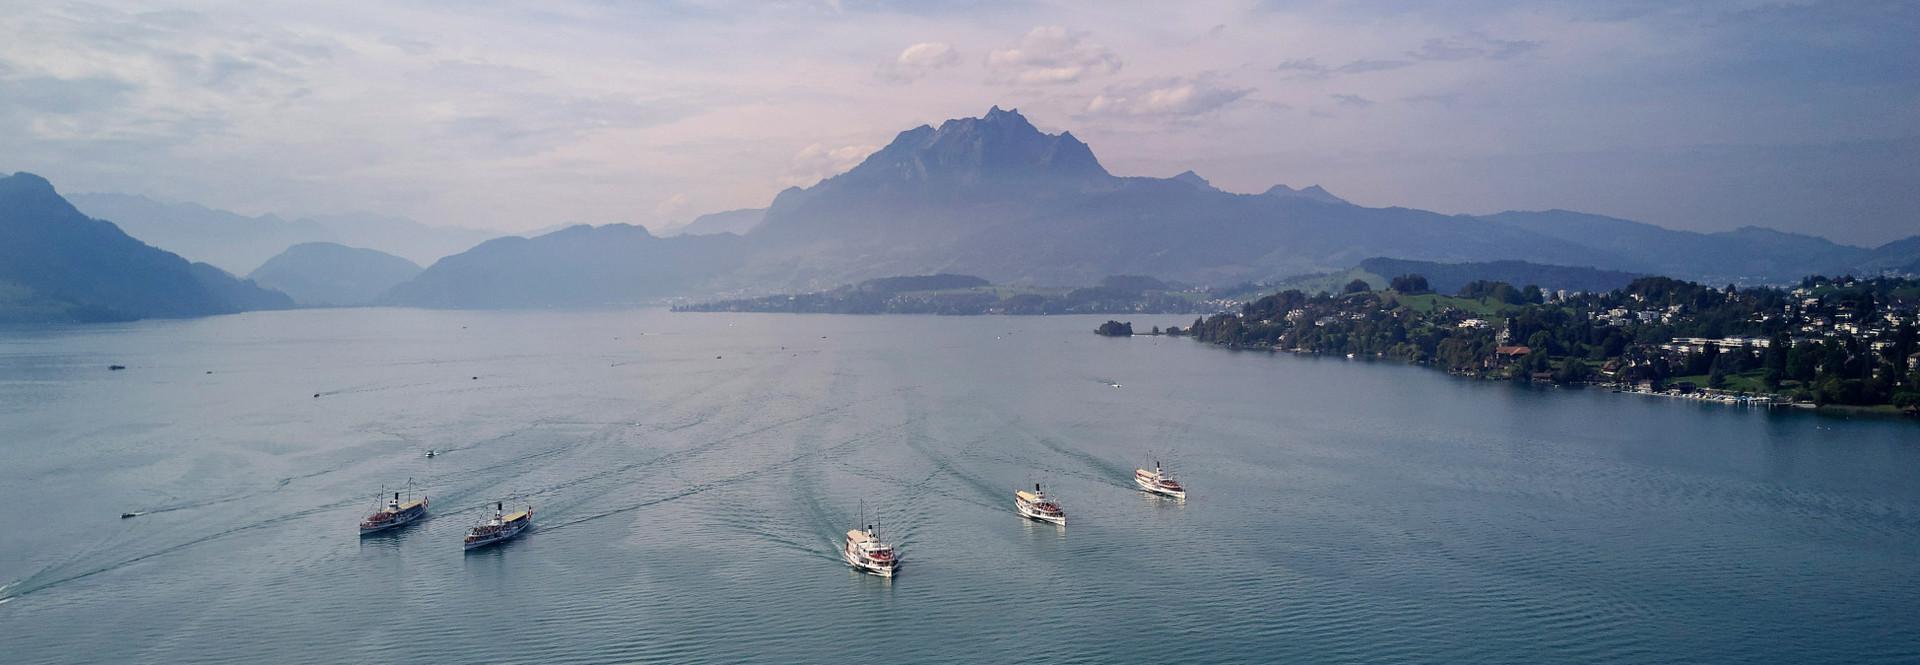 Die fünf Dampfschiffe der SGV gemeinsam auf dem See.